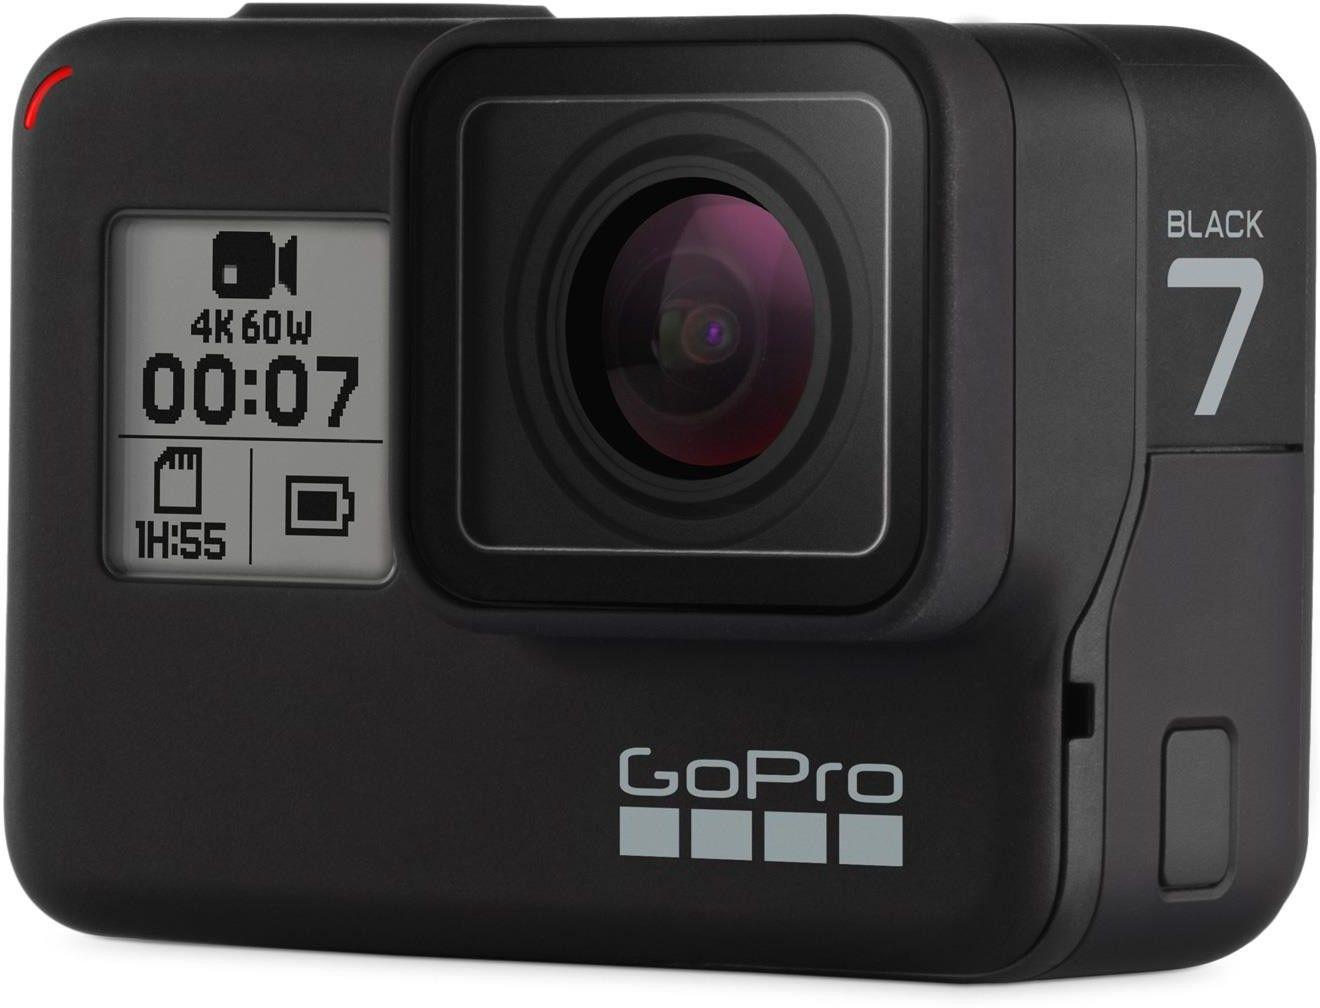 Kamera GoPro Hero 7 Black